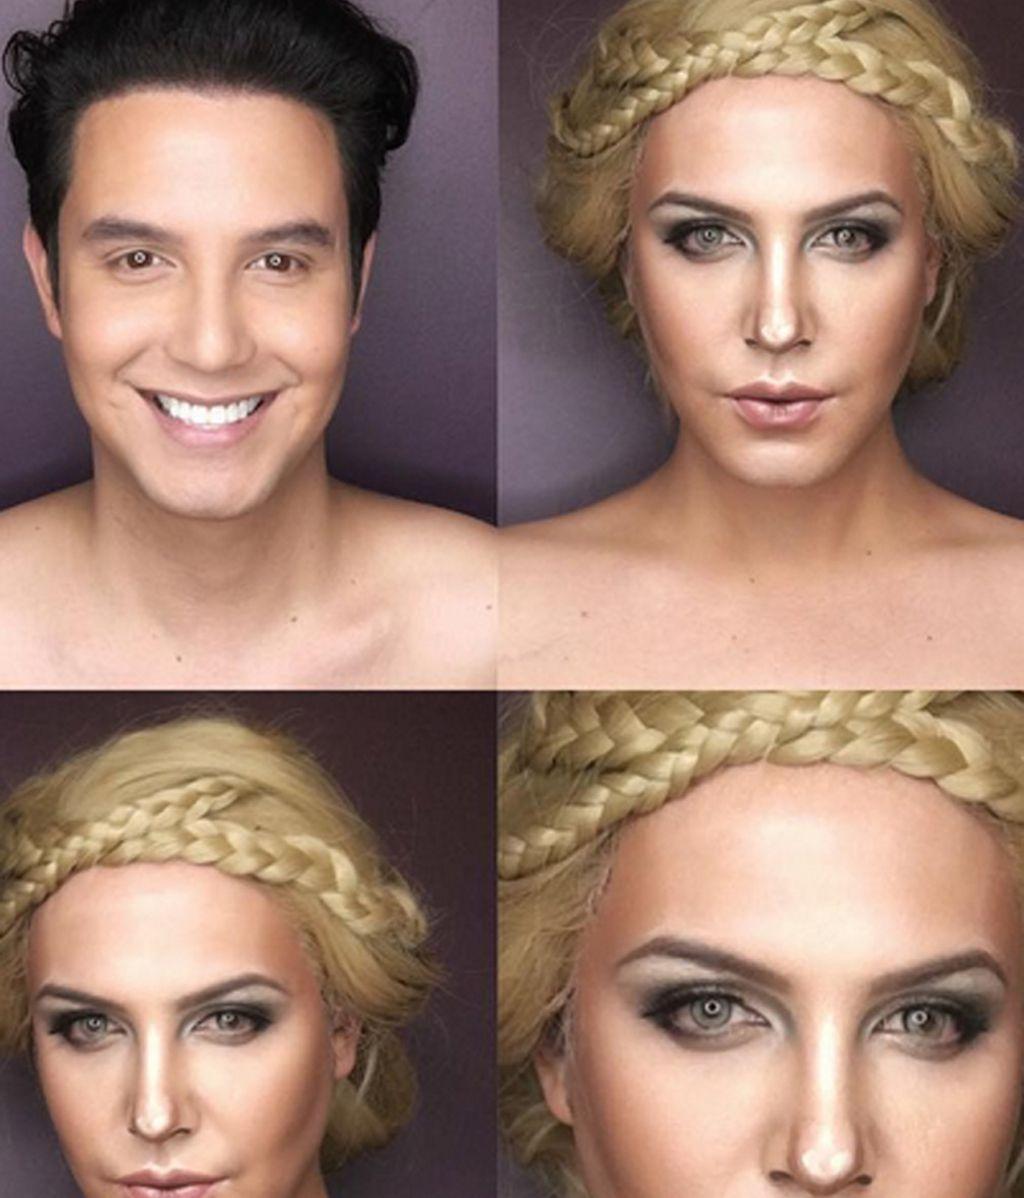 La logradísima transformación de Paolo Ballesteros en Charlize Theron